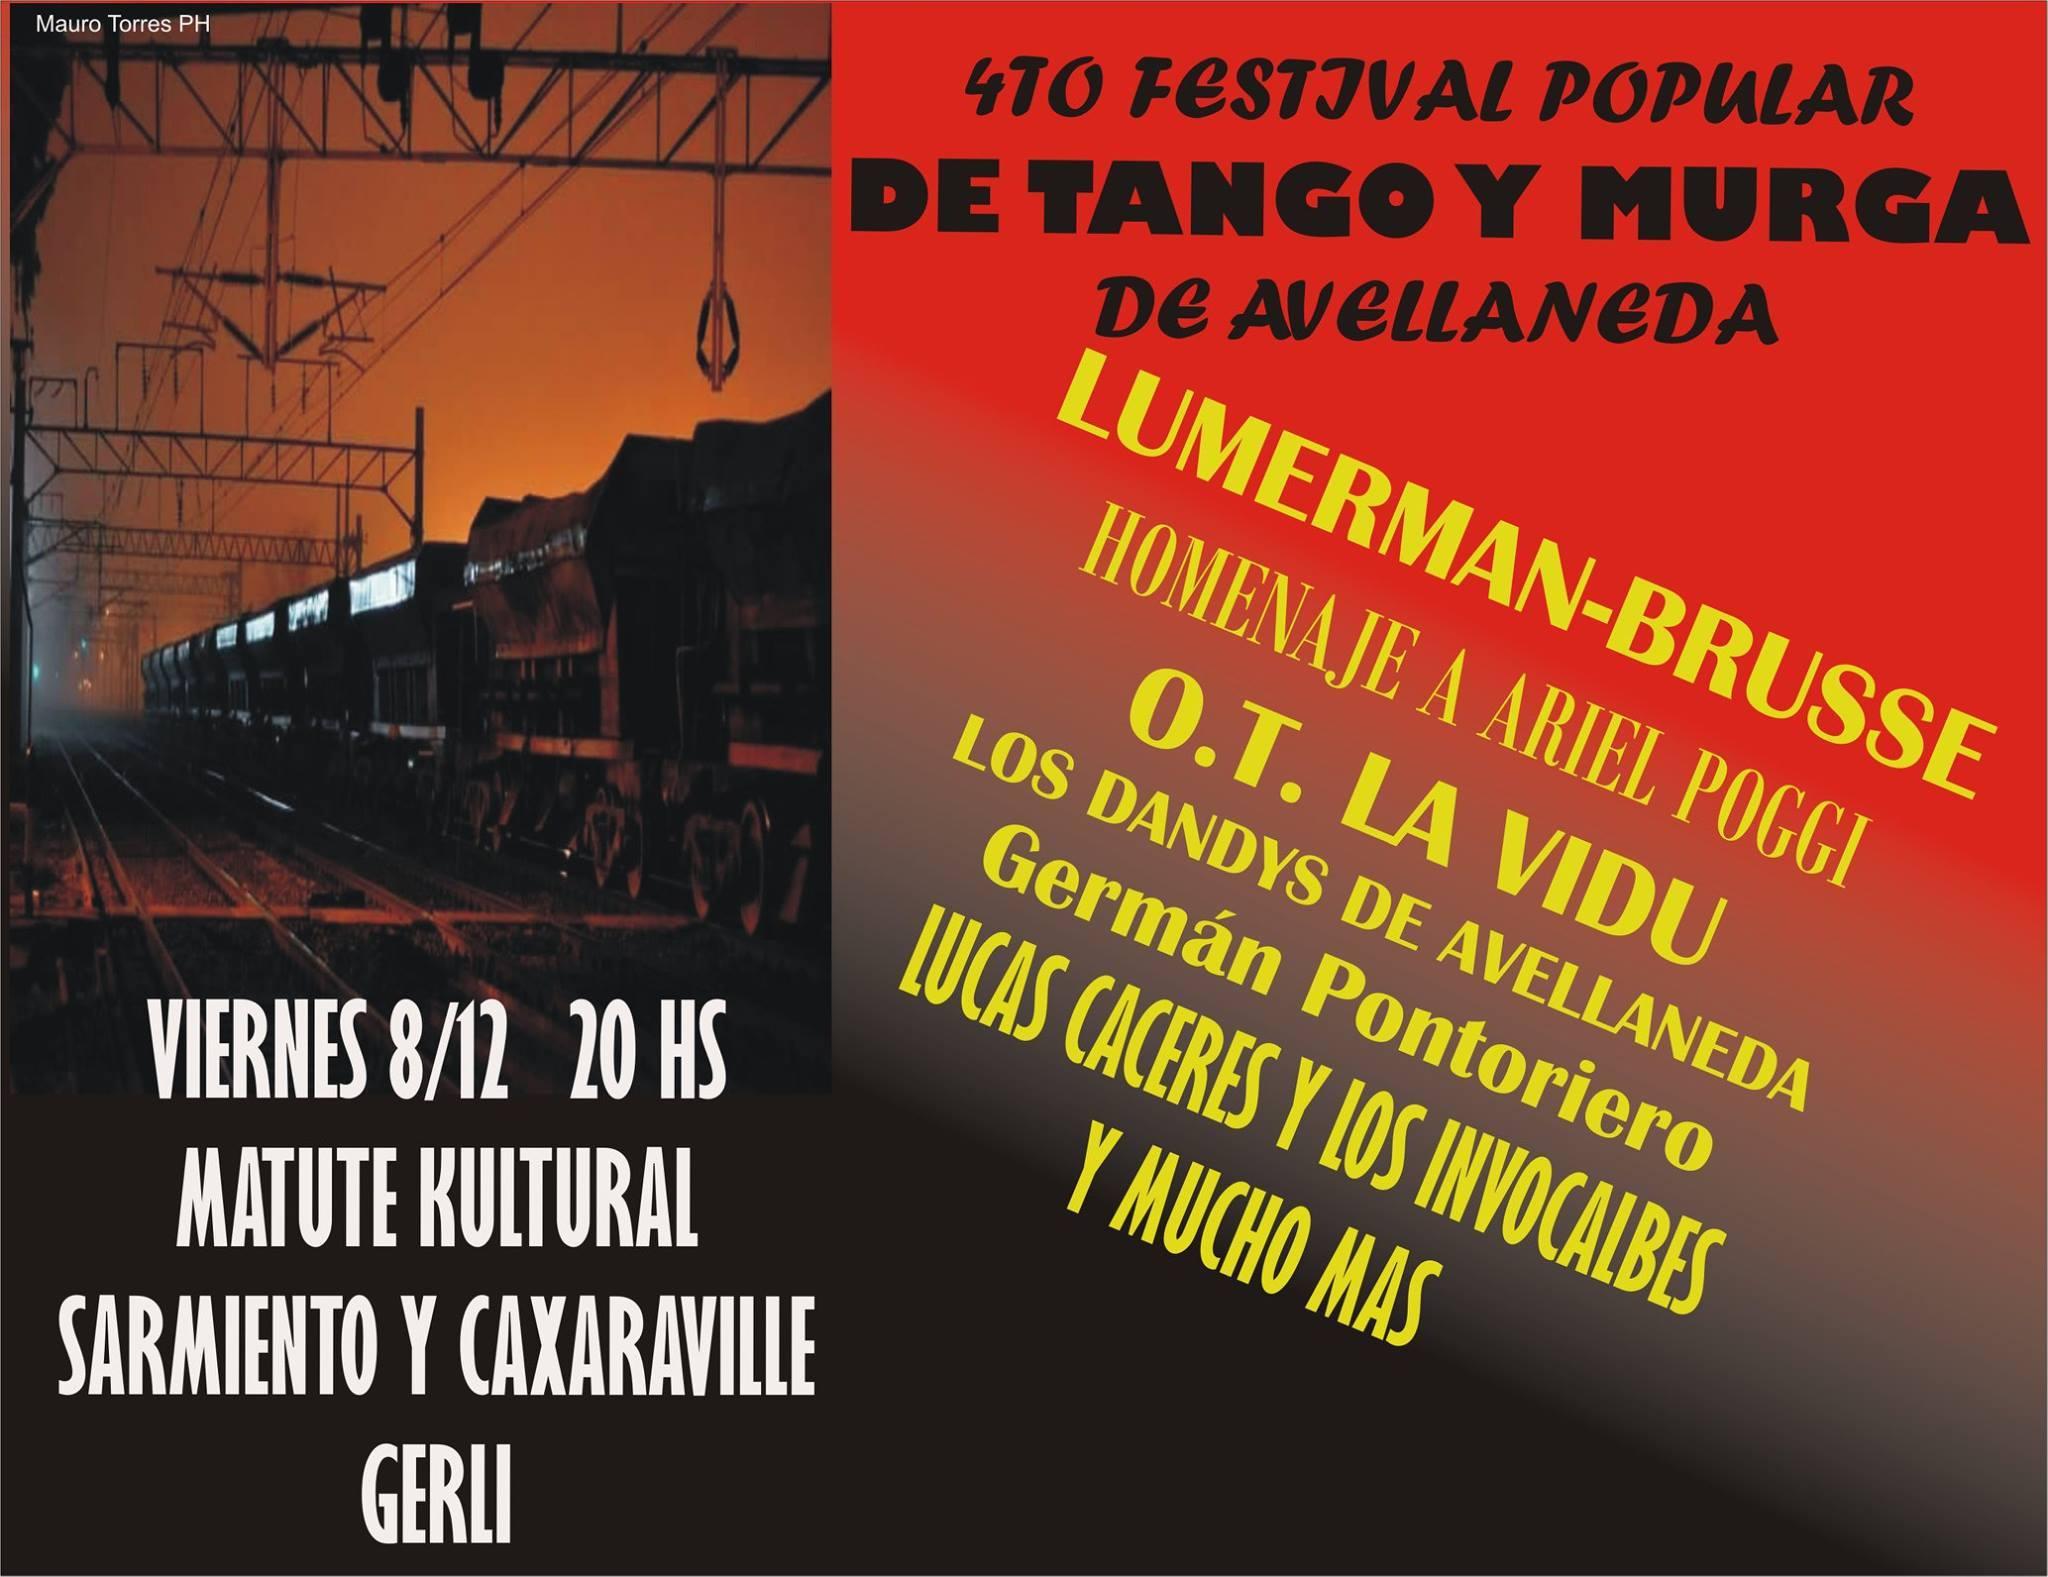 Cartel - 4to Festival popular de Tango y Murga de Avellaneda